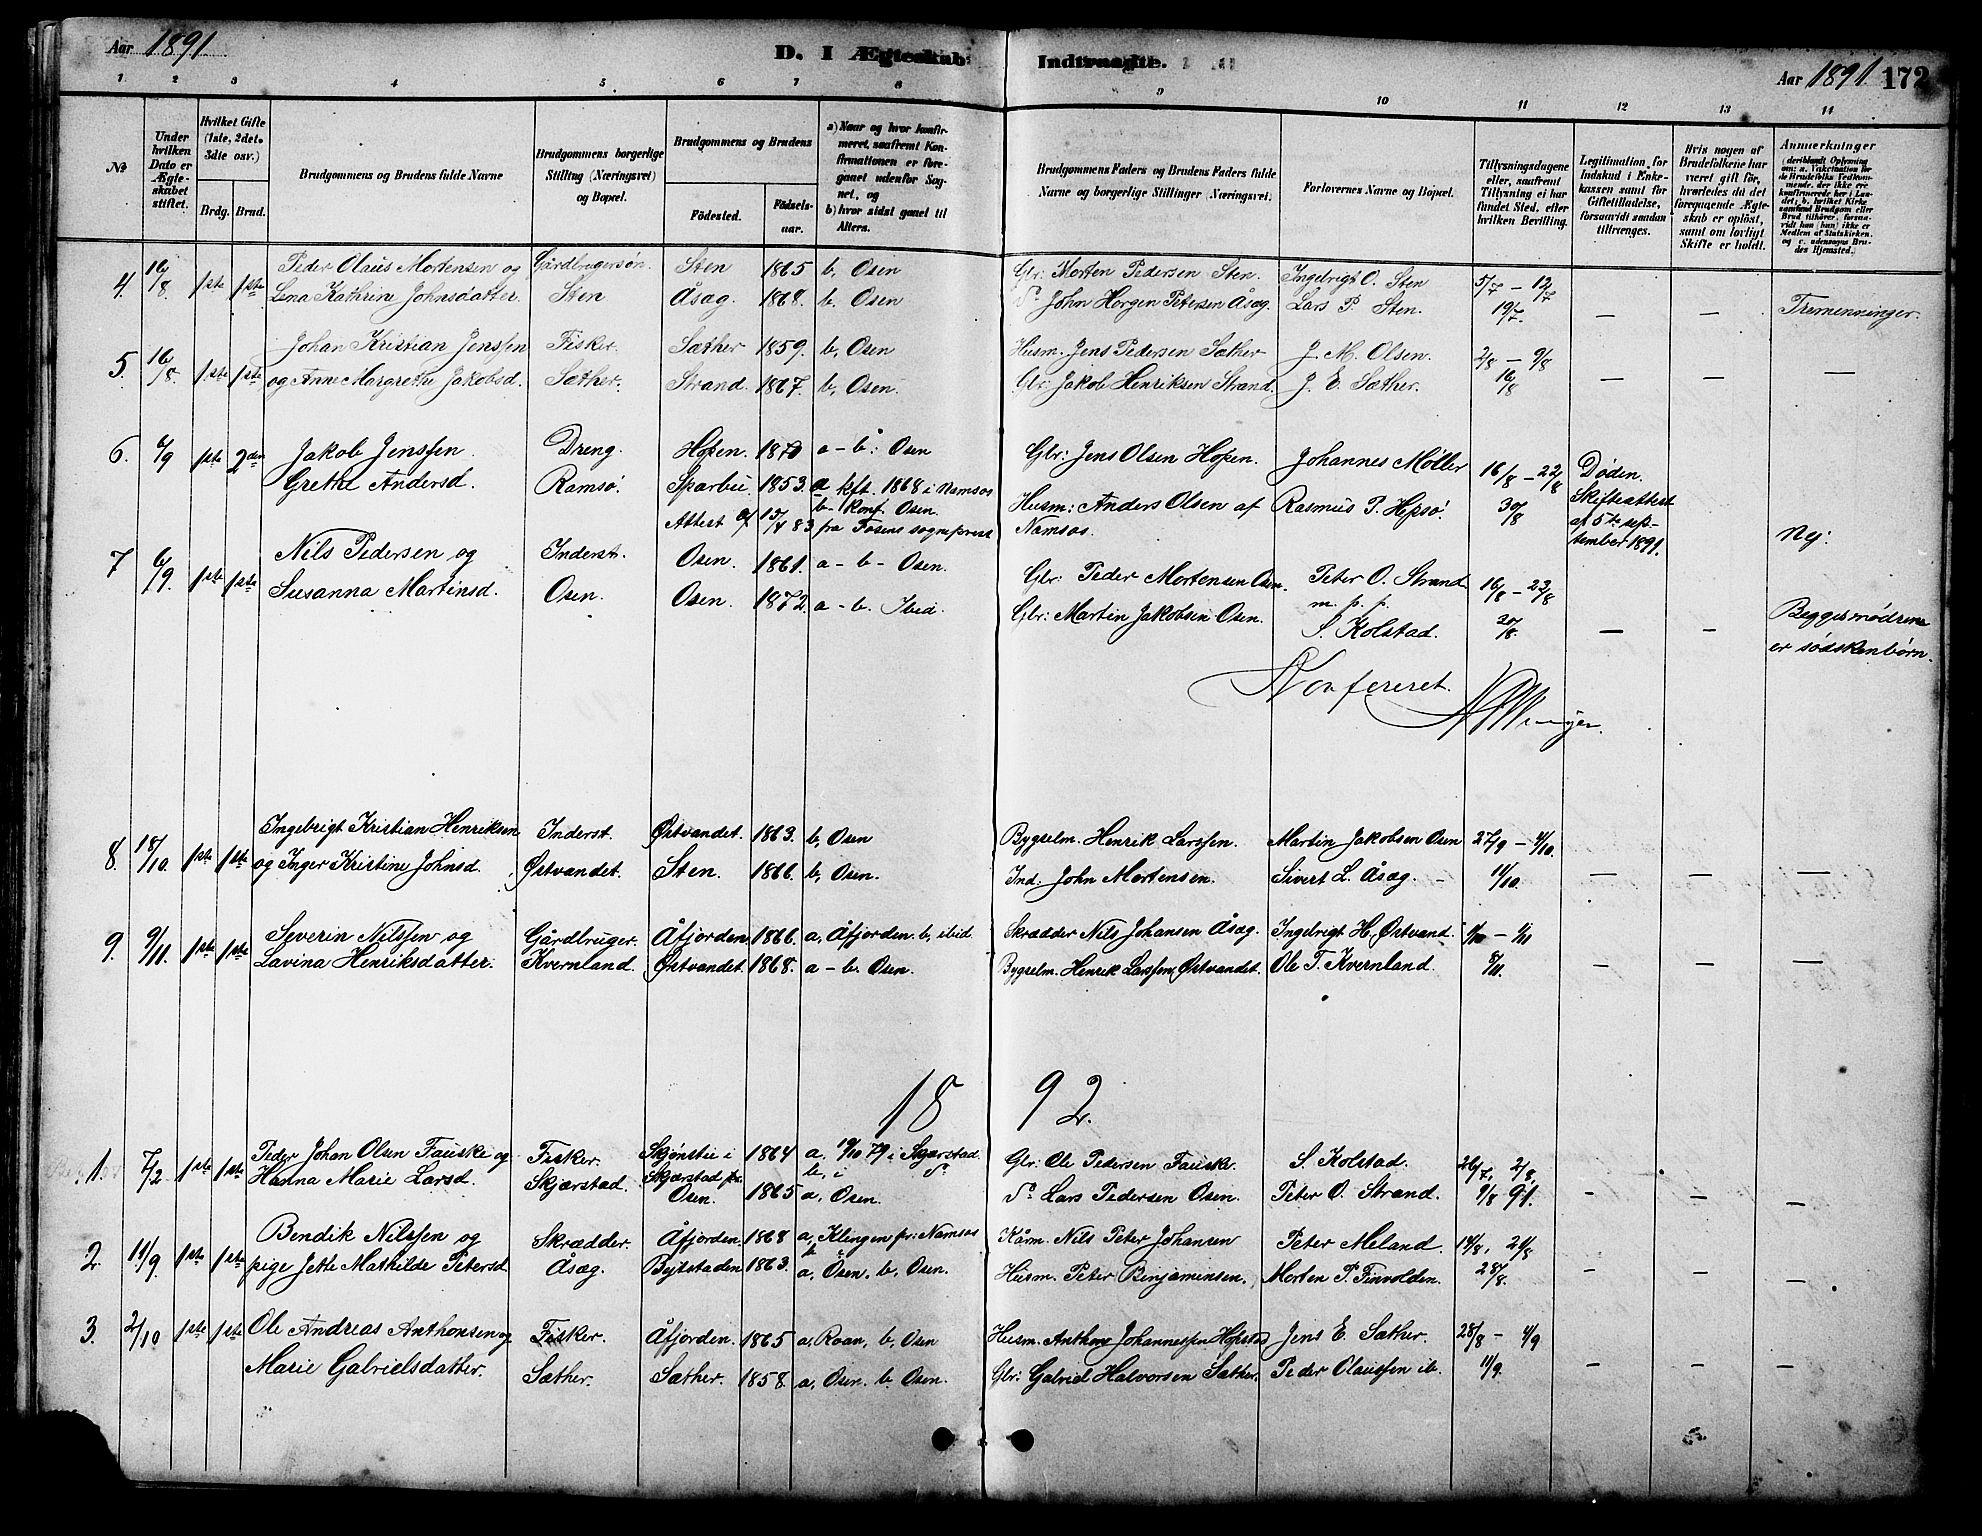 SAT, Ministerialprotokoller, klokkerbøker og fødselsregistre - Sør-Trøndelag, 658/L0726: Klokkerbok nr. 658C02, 1883-1908, s. 172